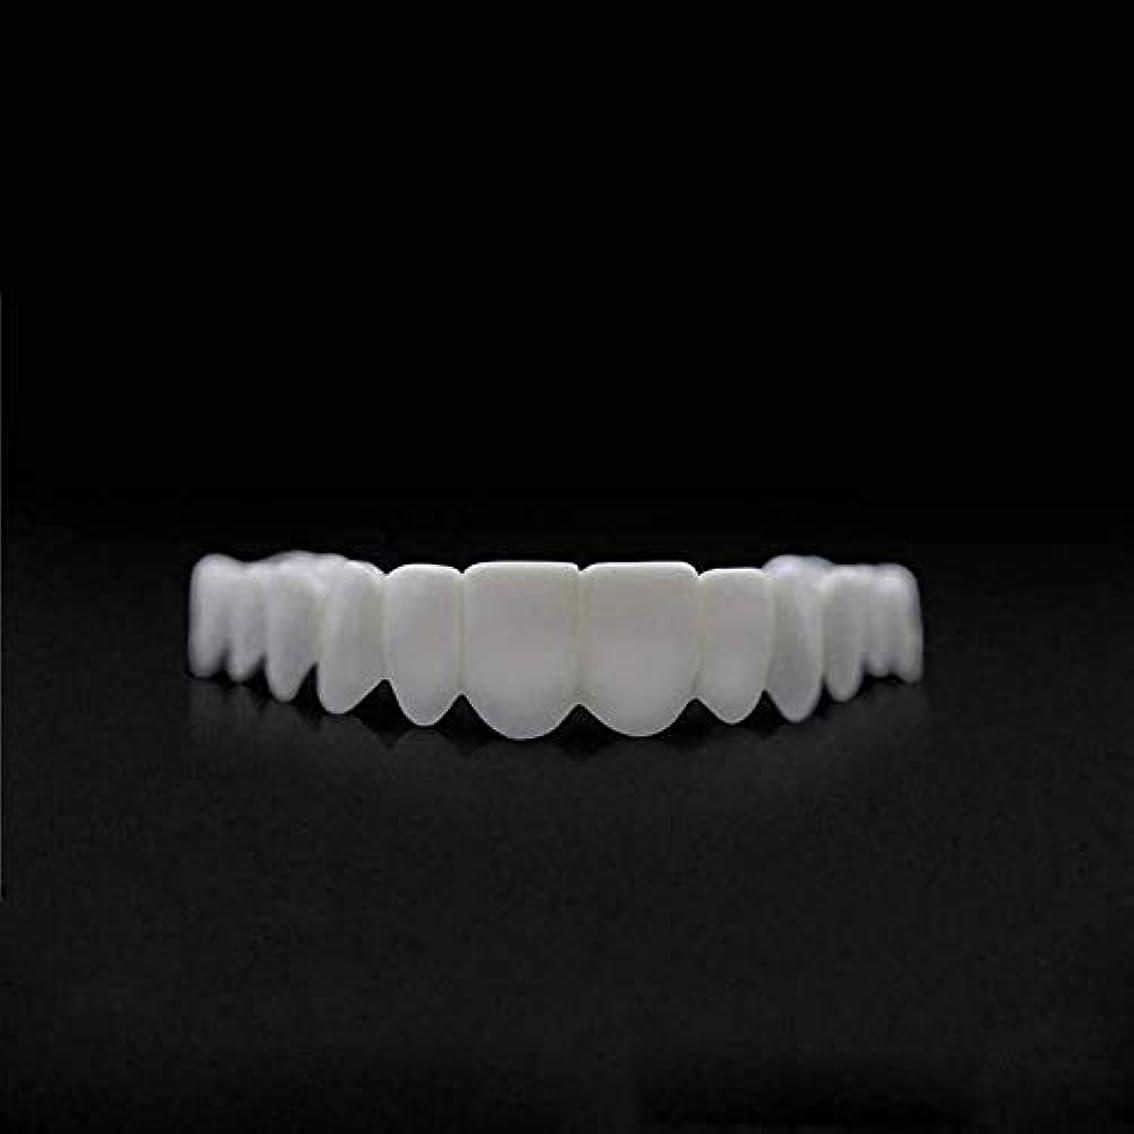 コンサート無一文性的Wiil パーフェクトスマイルコンフォートフィット新しいスナップオンは、アッパーフェイク歯のカバー最も快適な入れ歯に適合します